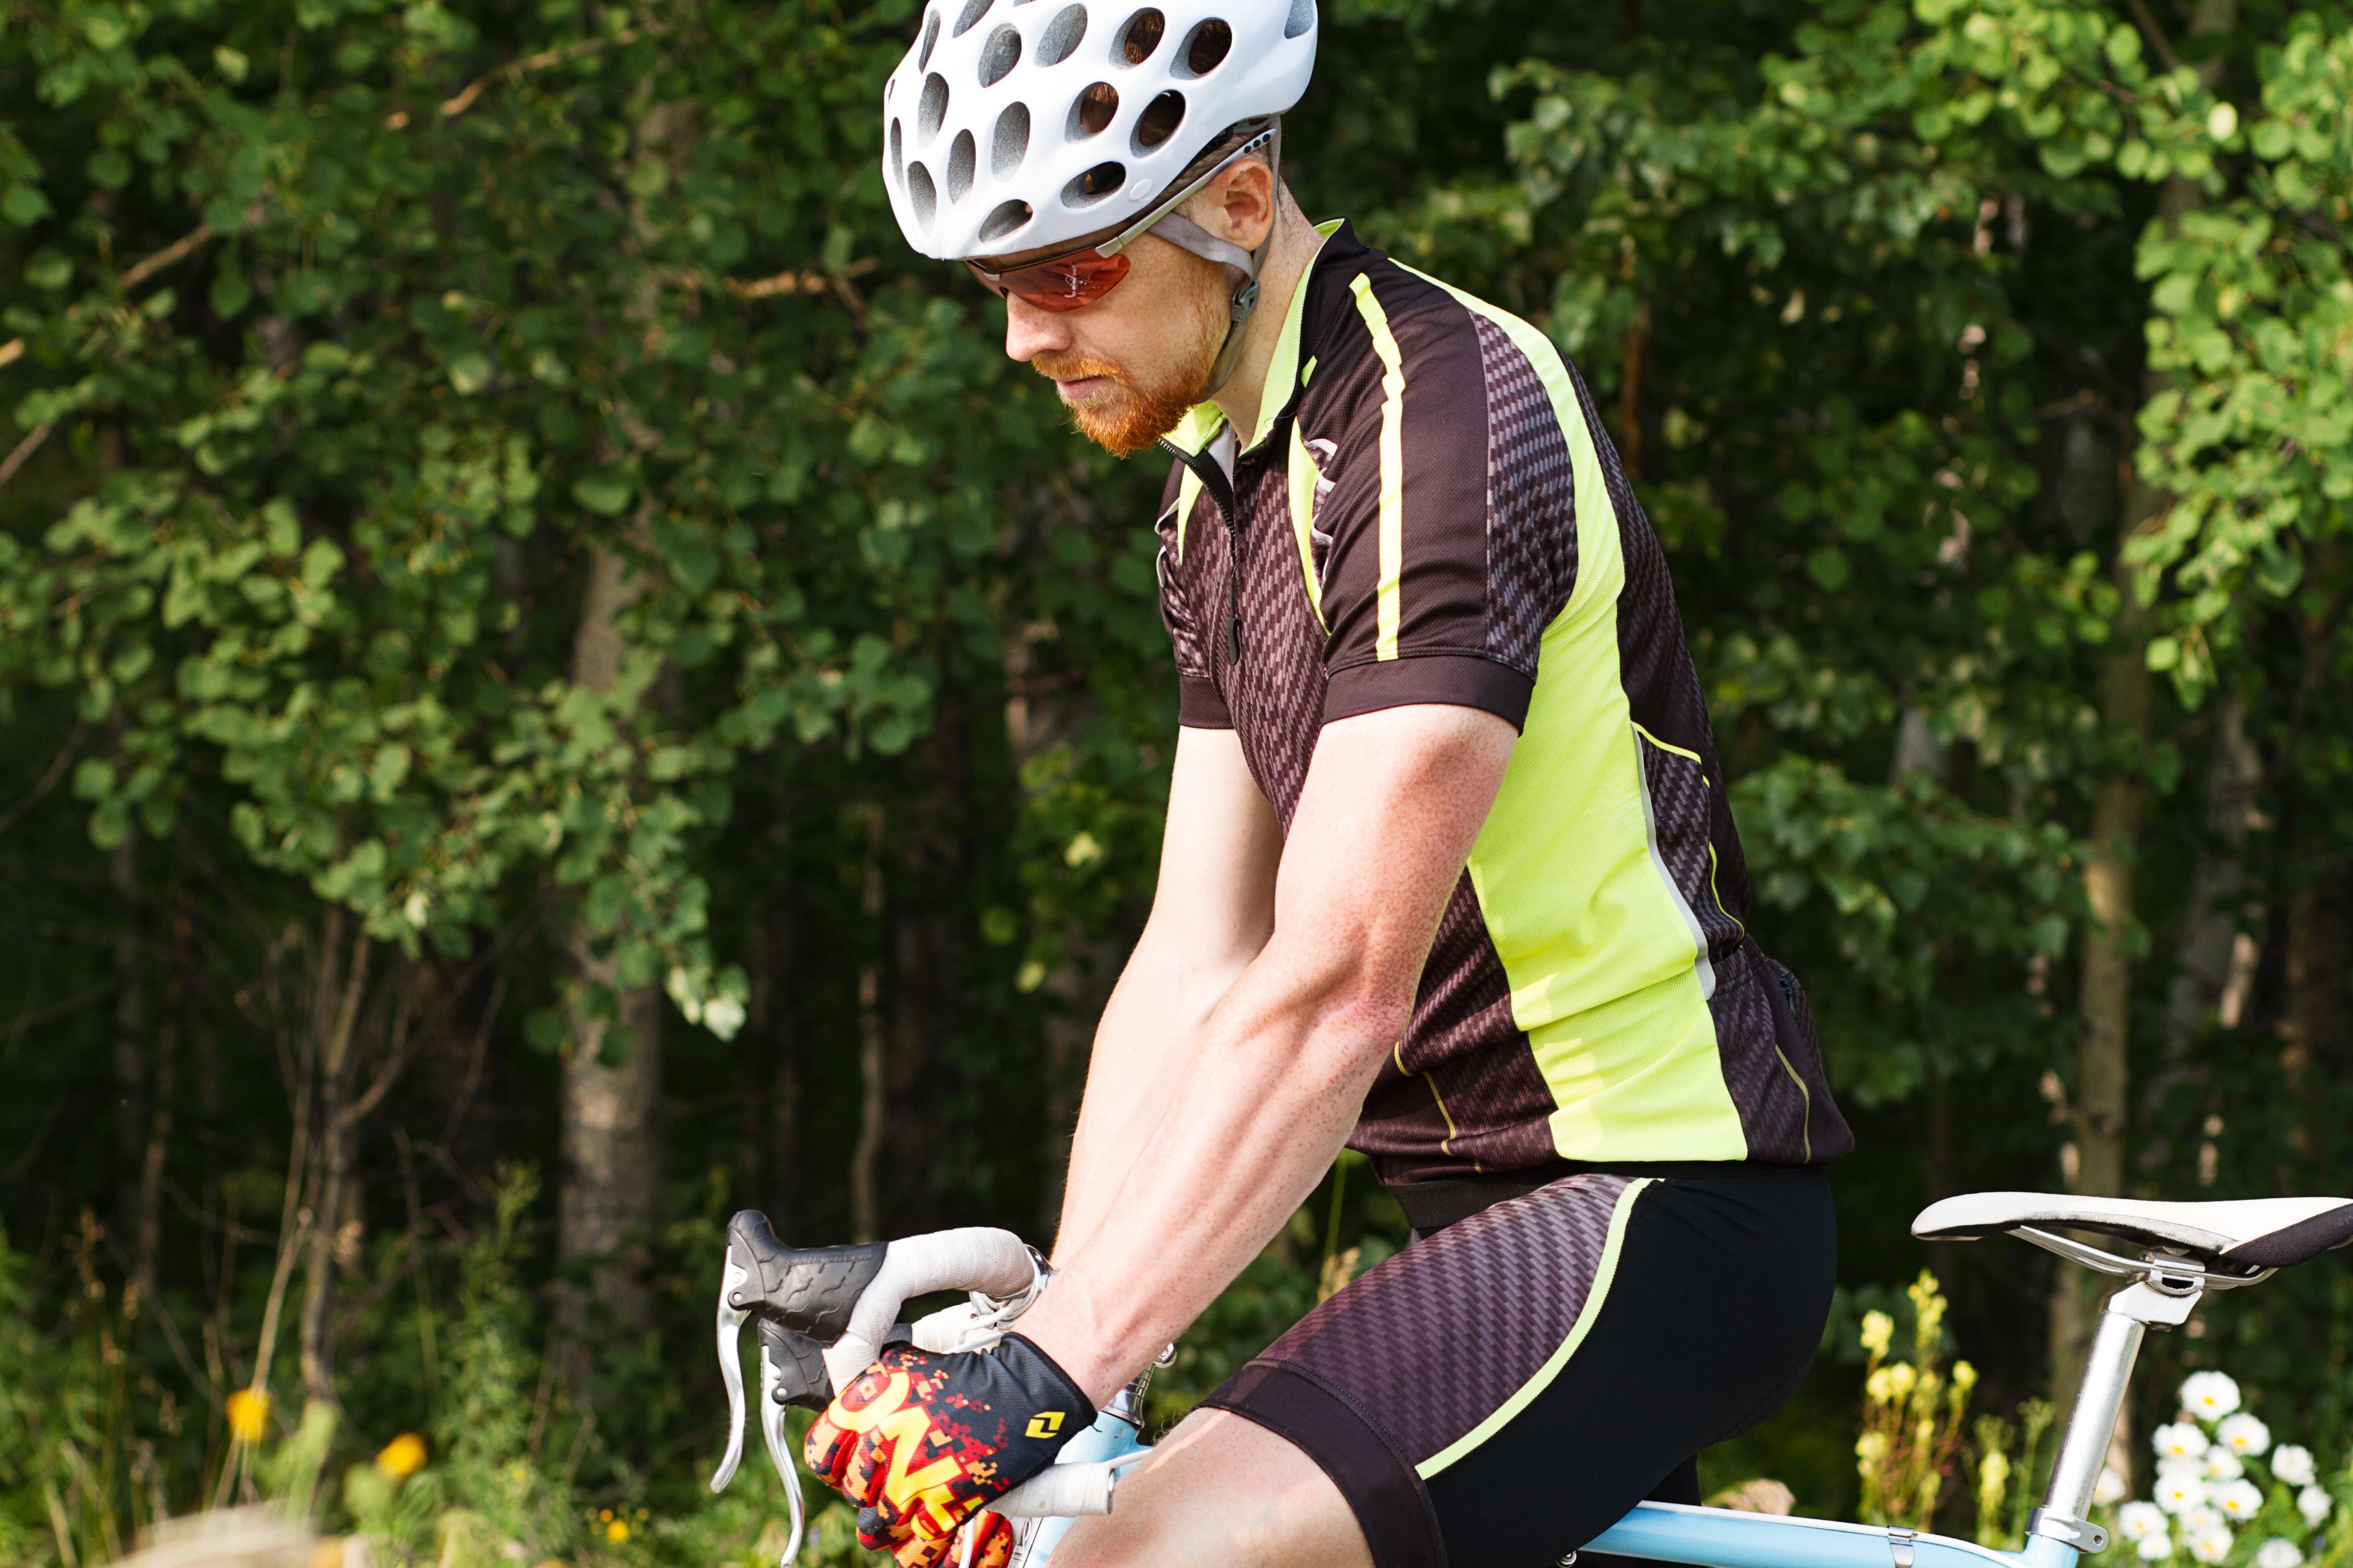 De Oostwal Sportieve Dorpelingen staat open voor alle wielerliefhebbers uit de gemeente Langedijk. (Archieffoto RM)